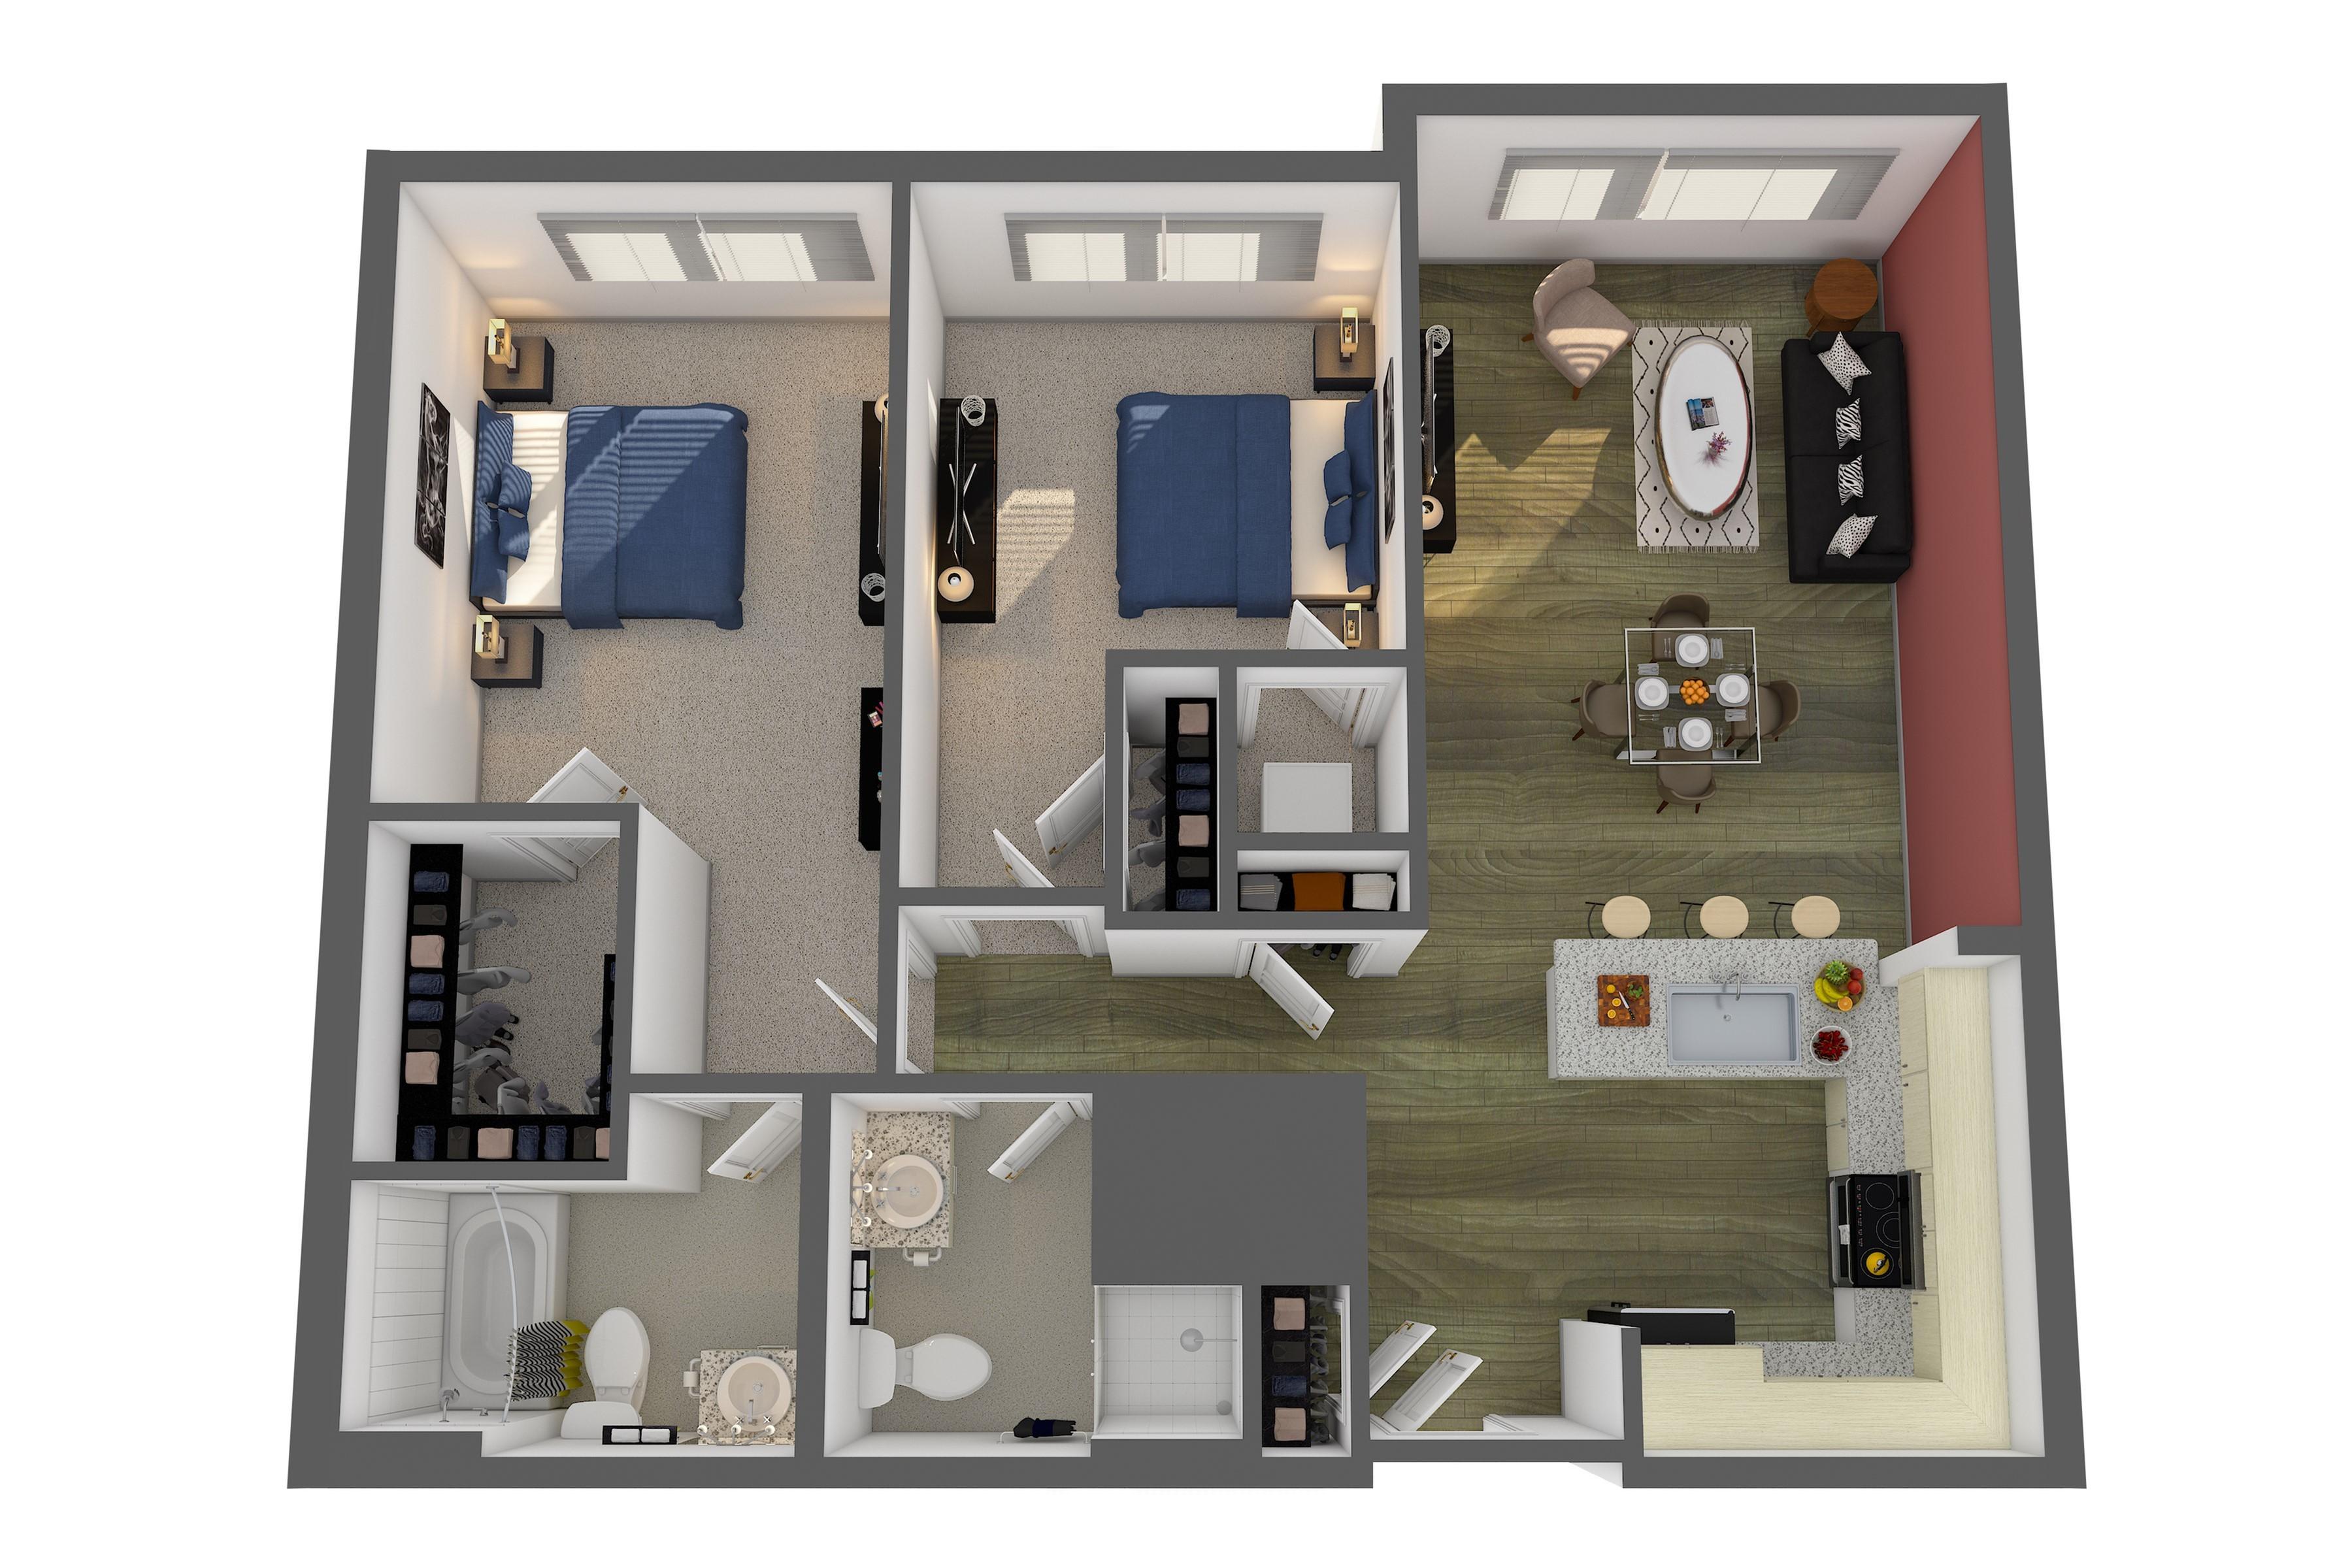 The Renwick Floor Plan